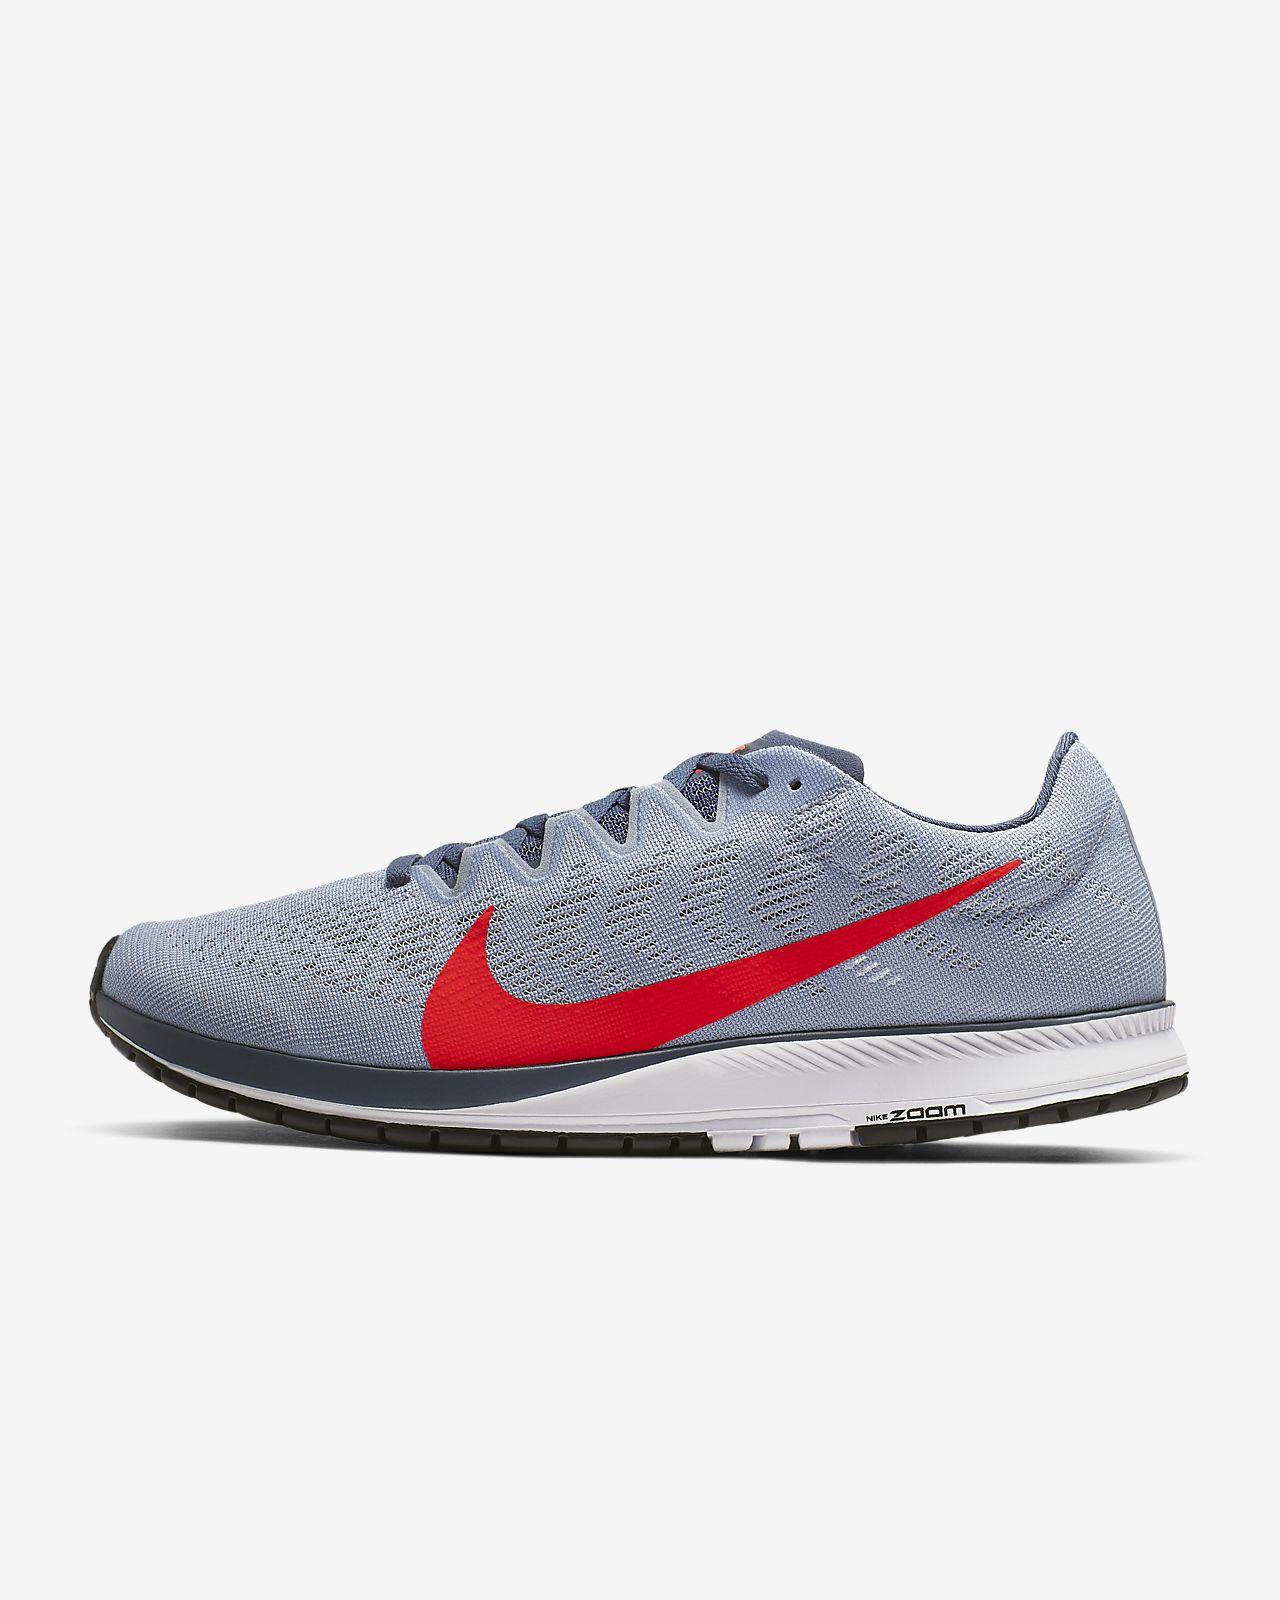 Löparsko Nike Air Zoom Streak 7